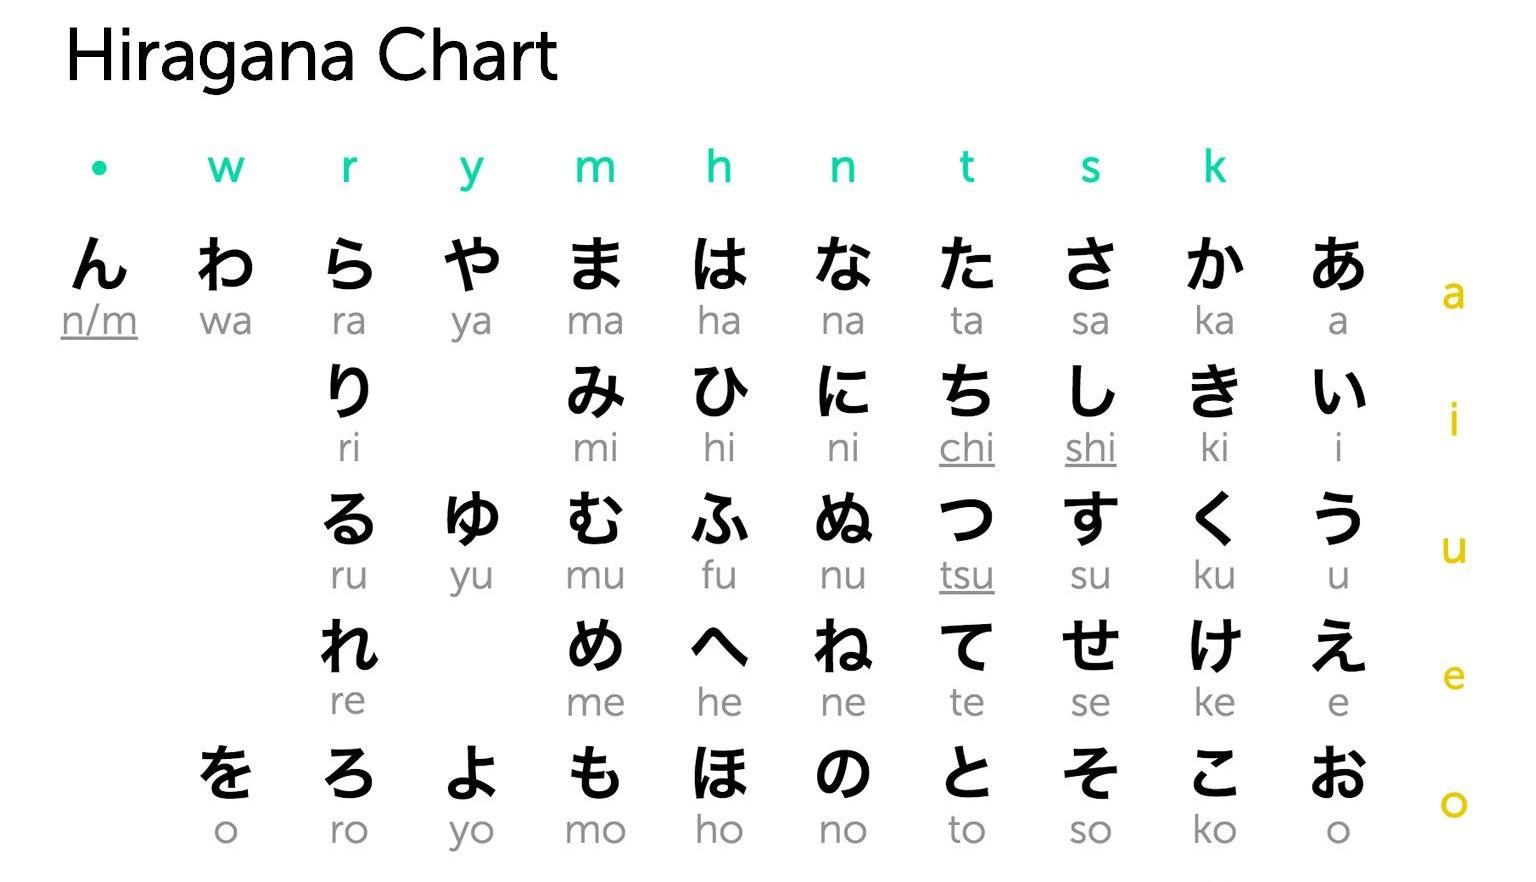 Bảng chữ Hiragana của tiếng Nhật